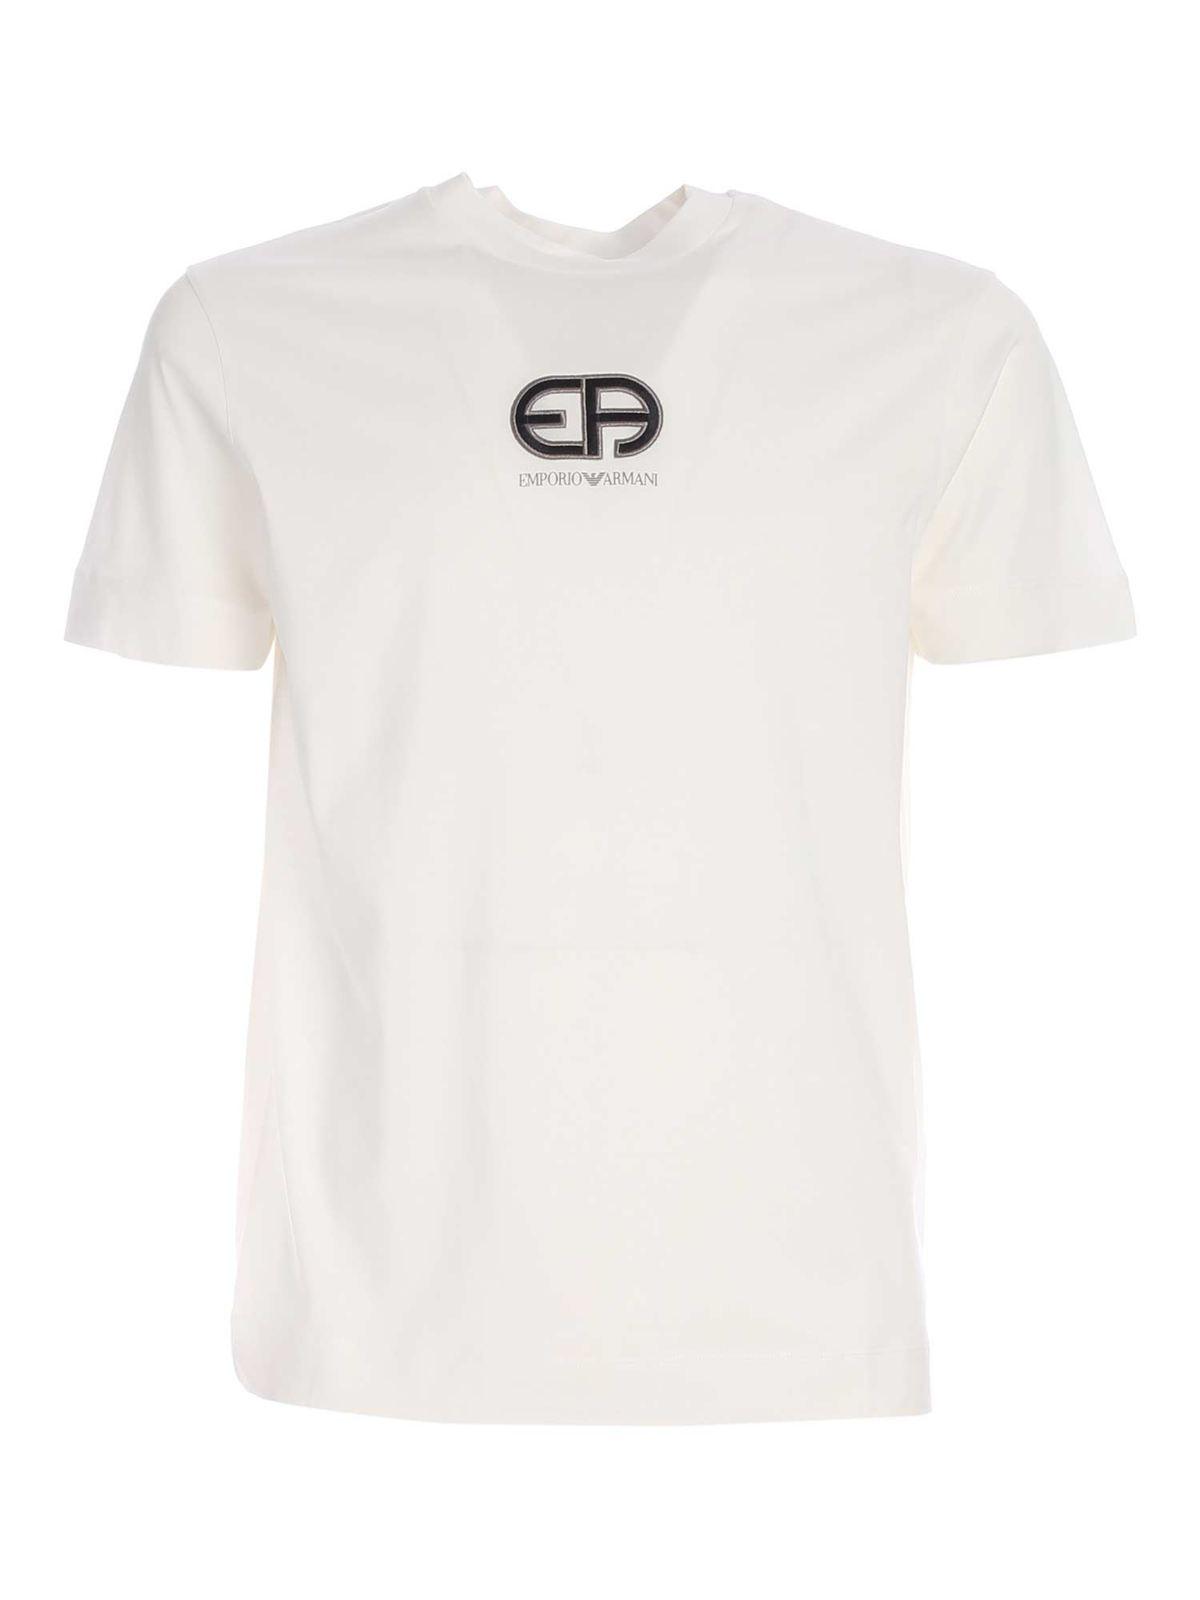 Emporio Armani EA T-SHIRT IN WHITE